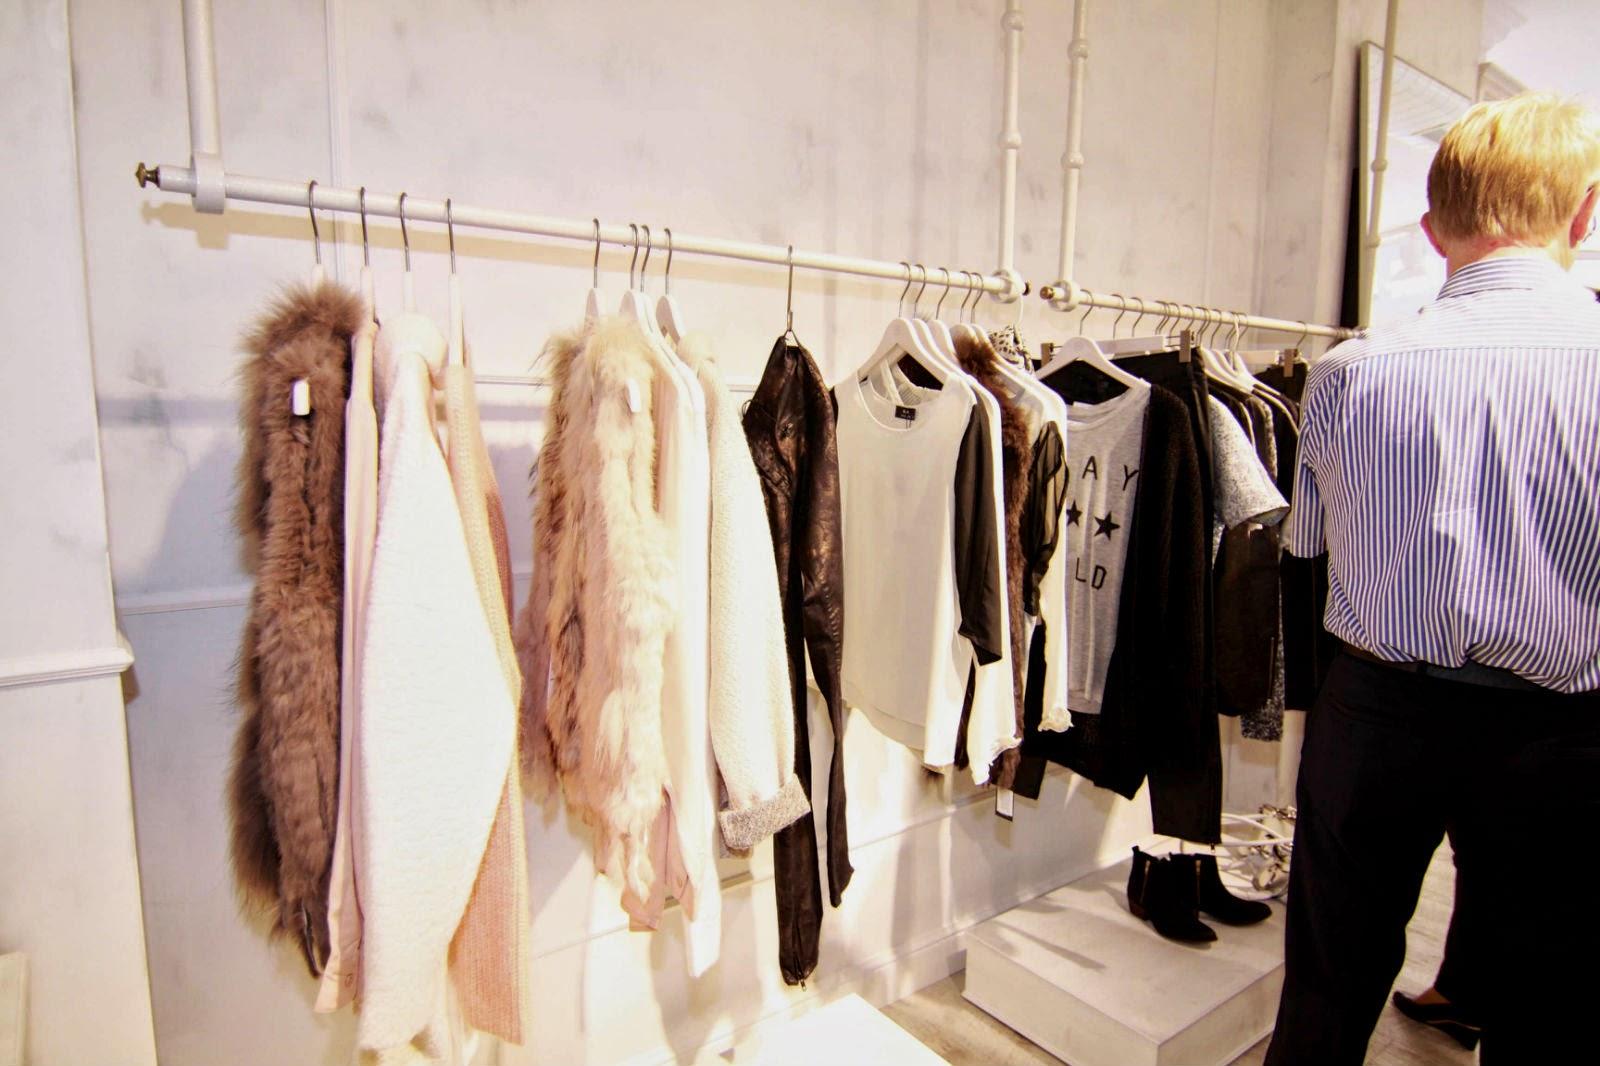 Kleider an der Stange im Mondelli Concept Store Würzburg